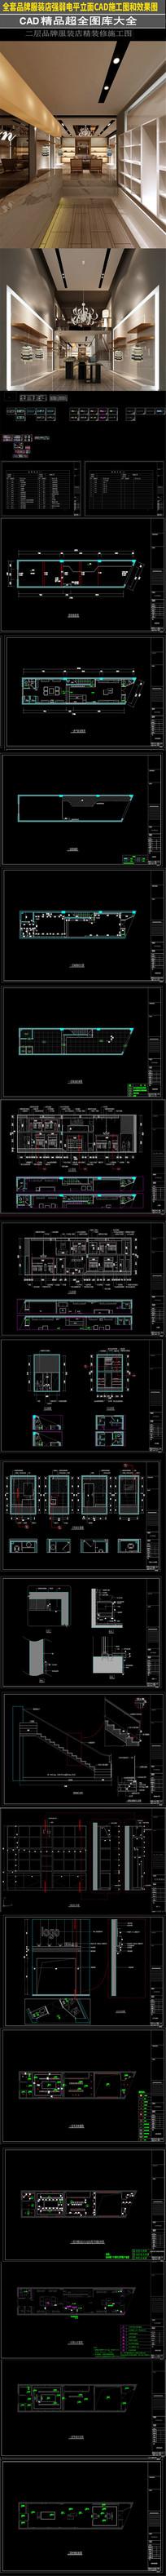 全套品牌服装店CAD施工图和效果图